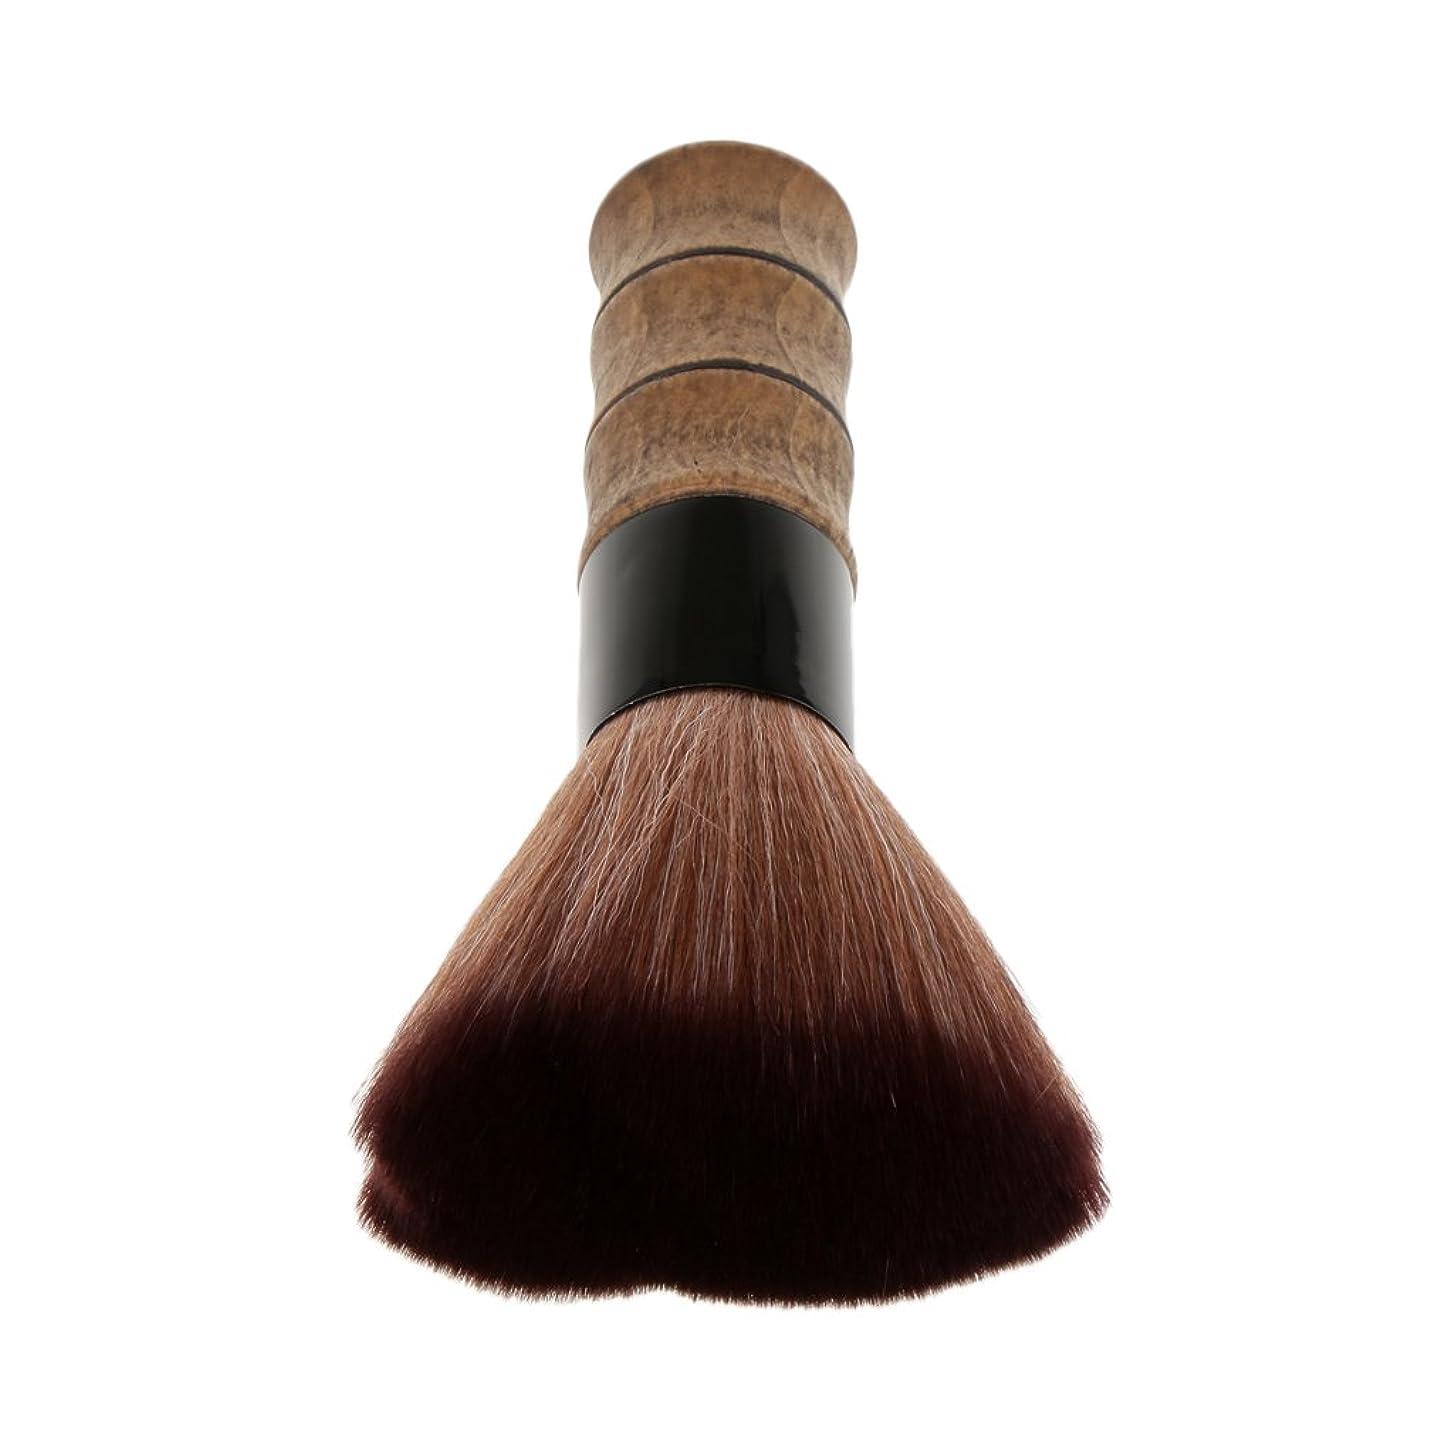 四面体サイズもちろんFenteer シェービングブラシ ソフトファイバー 脱毛 シェービング ブラシ ブラッシュ ルーズパウダー メイクブラシ 繊維+竹ハンドル 2色選べる - 褐色